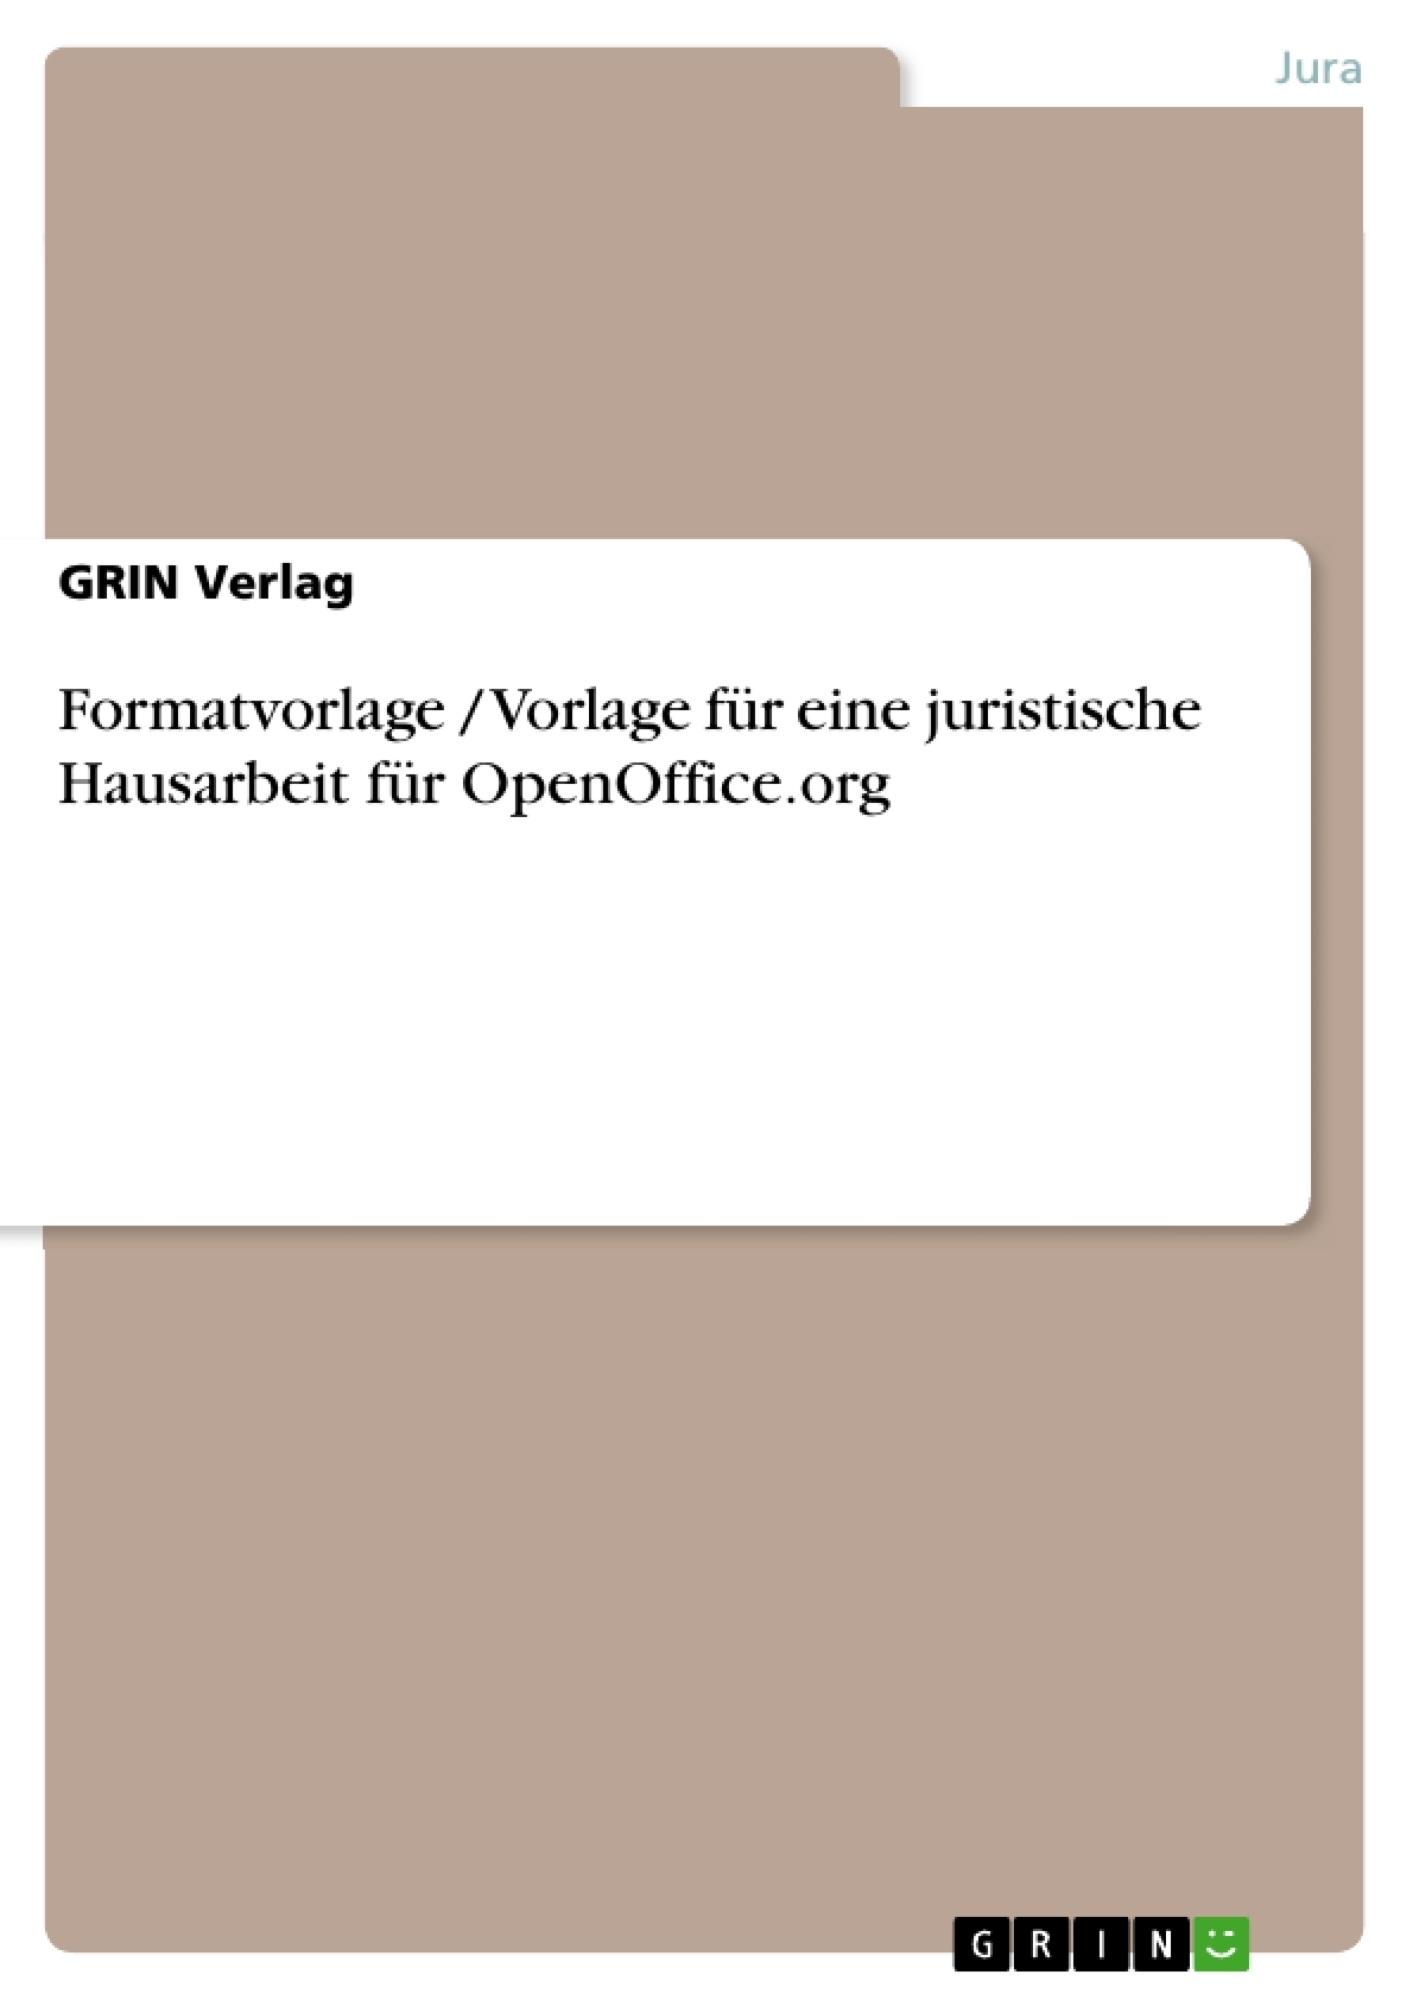 Titel: Formatvorlage / Vorlage für eine juristische Hausarbeit für OpenOffice.org